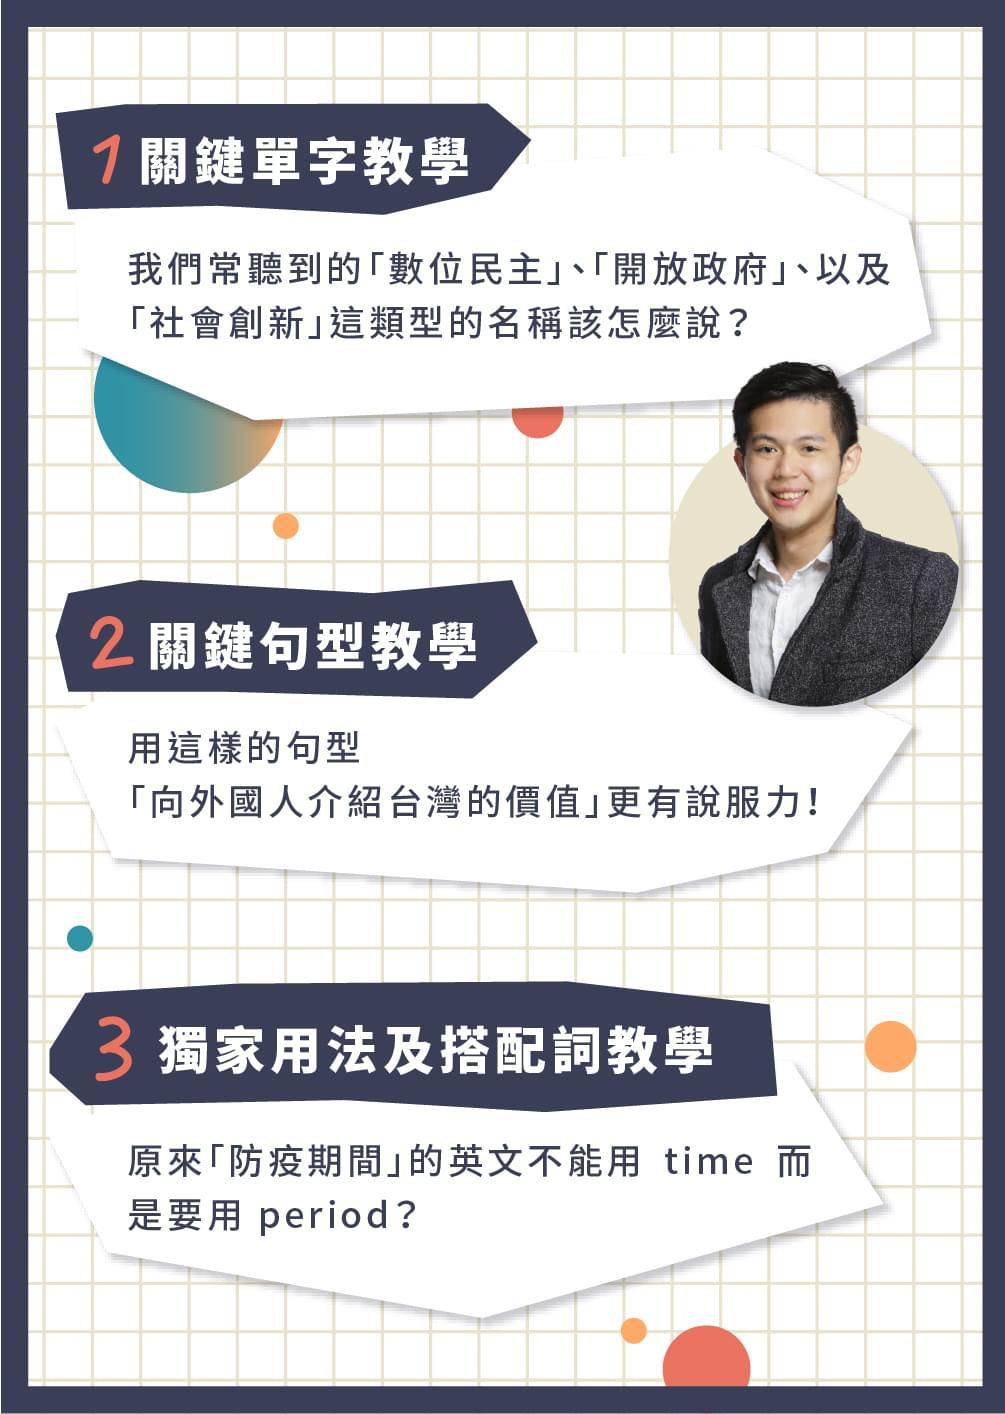 唐鳳 x 浩爾 台灣人必修!數位民主英文課 - 一堂全台灣人的必修課